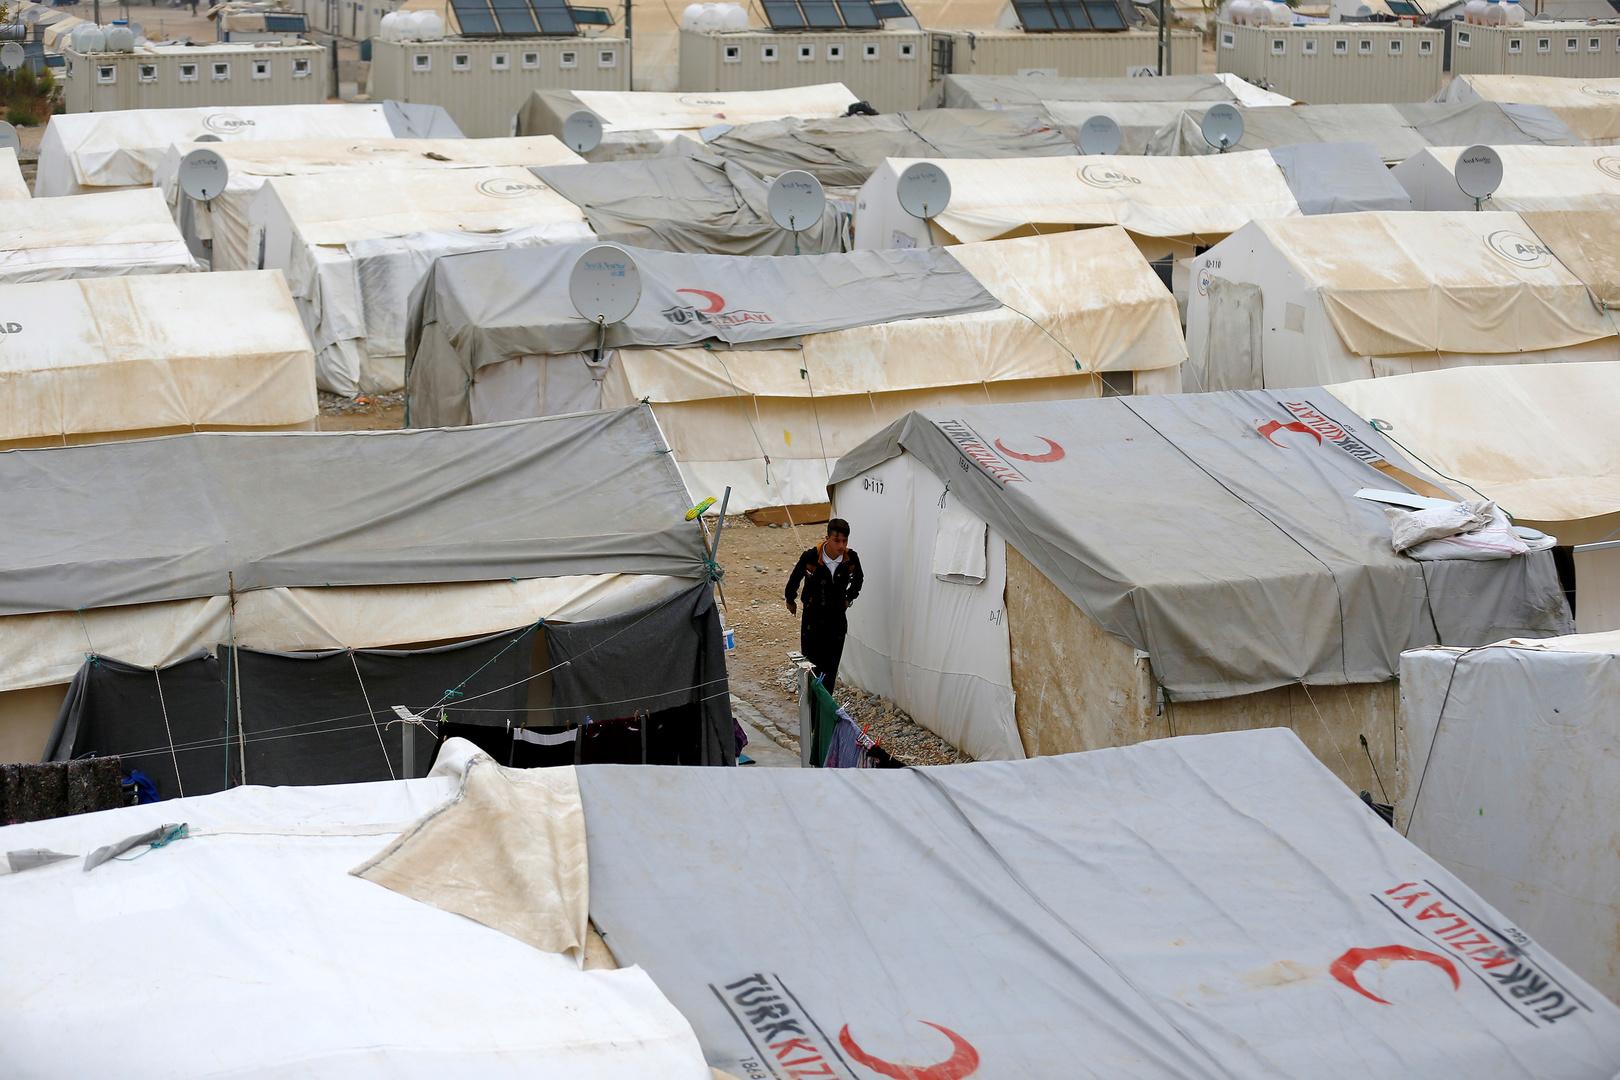 أنقرة: لا يمكن للمجتمع الدولي أن يدير ظهره لمأساة السوريين ويلقي العبء على ظهورنا